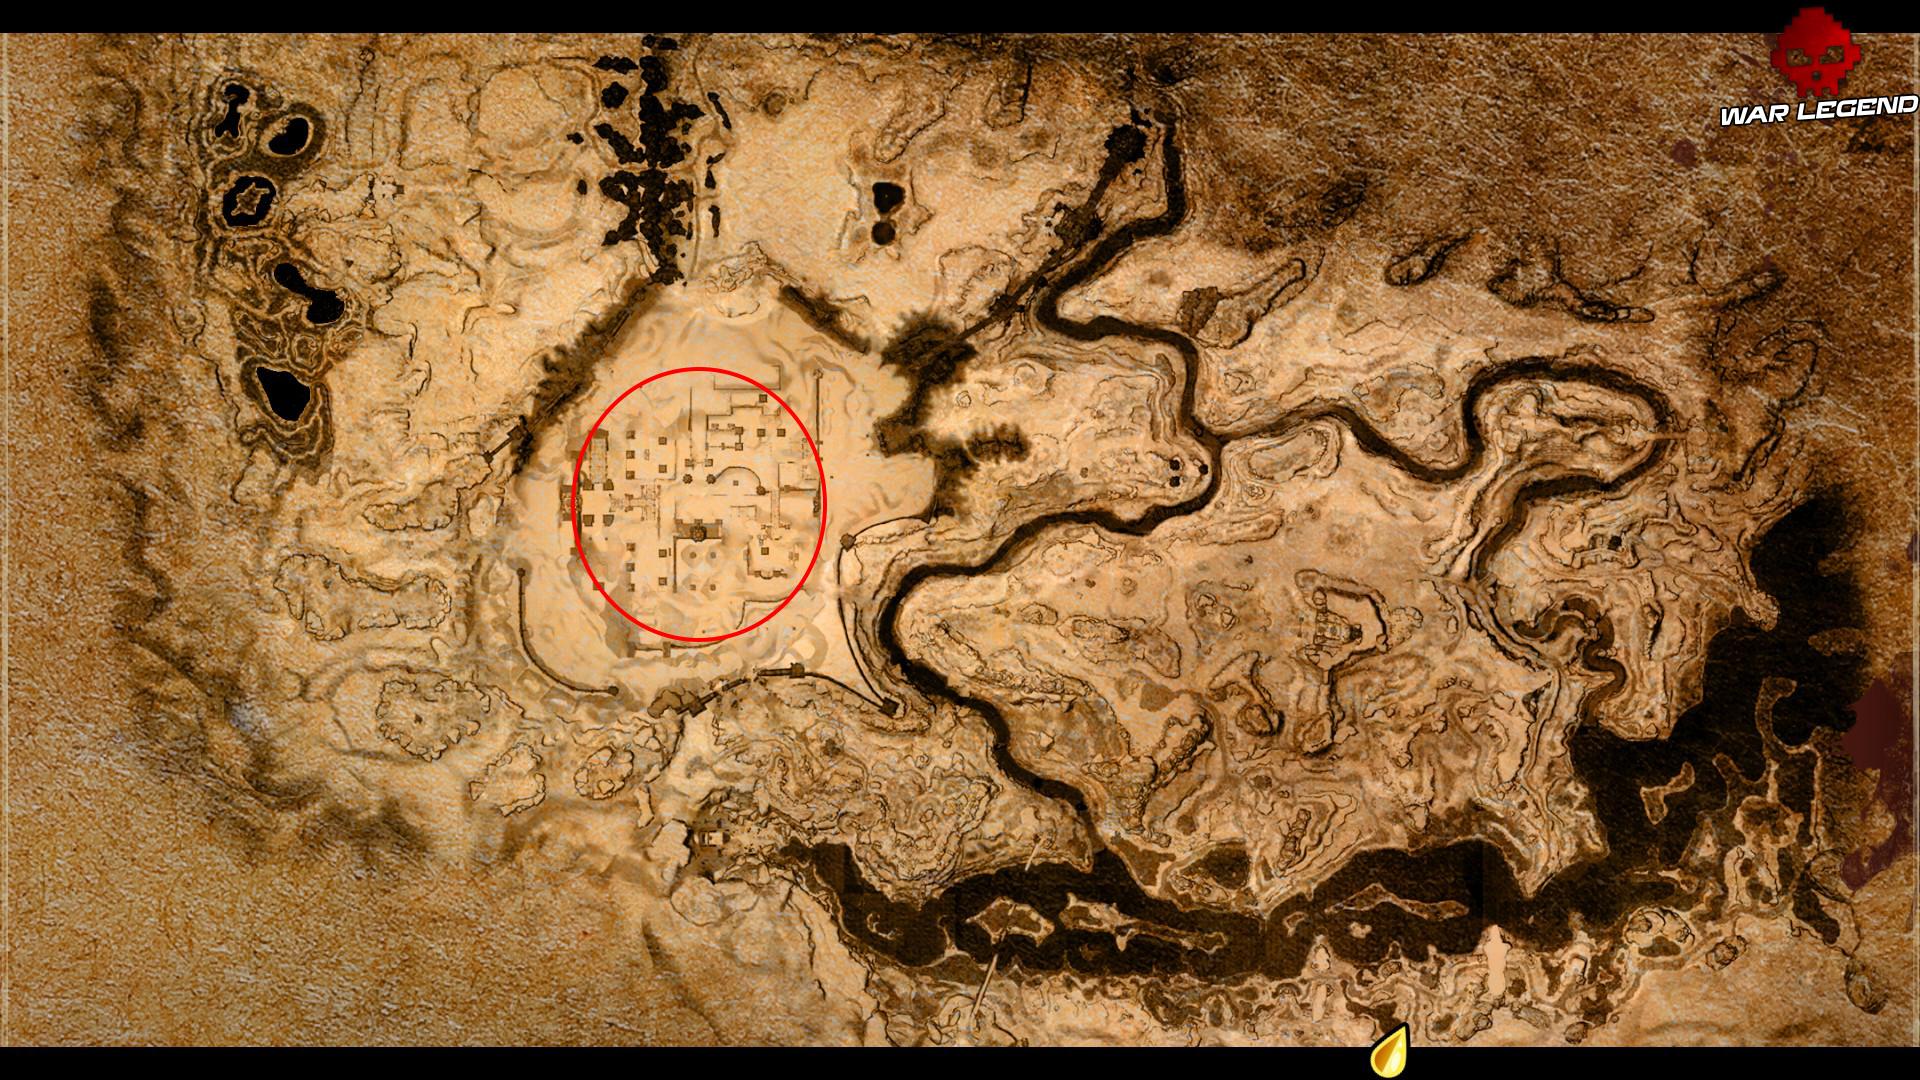 Conan Exiles - Fabriquer de la poudre de dragon carte du jeu